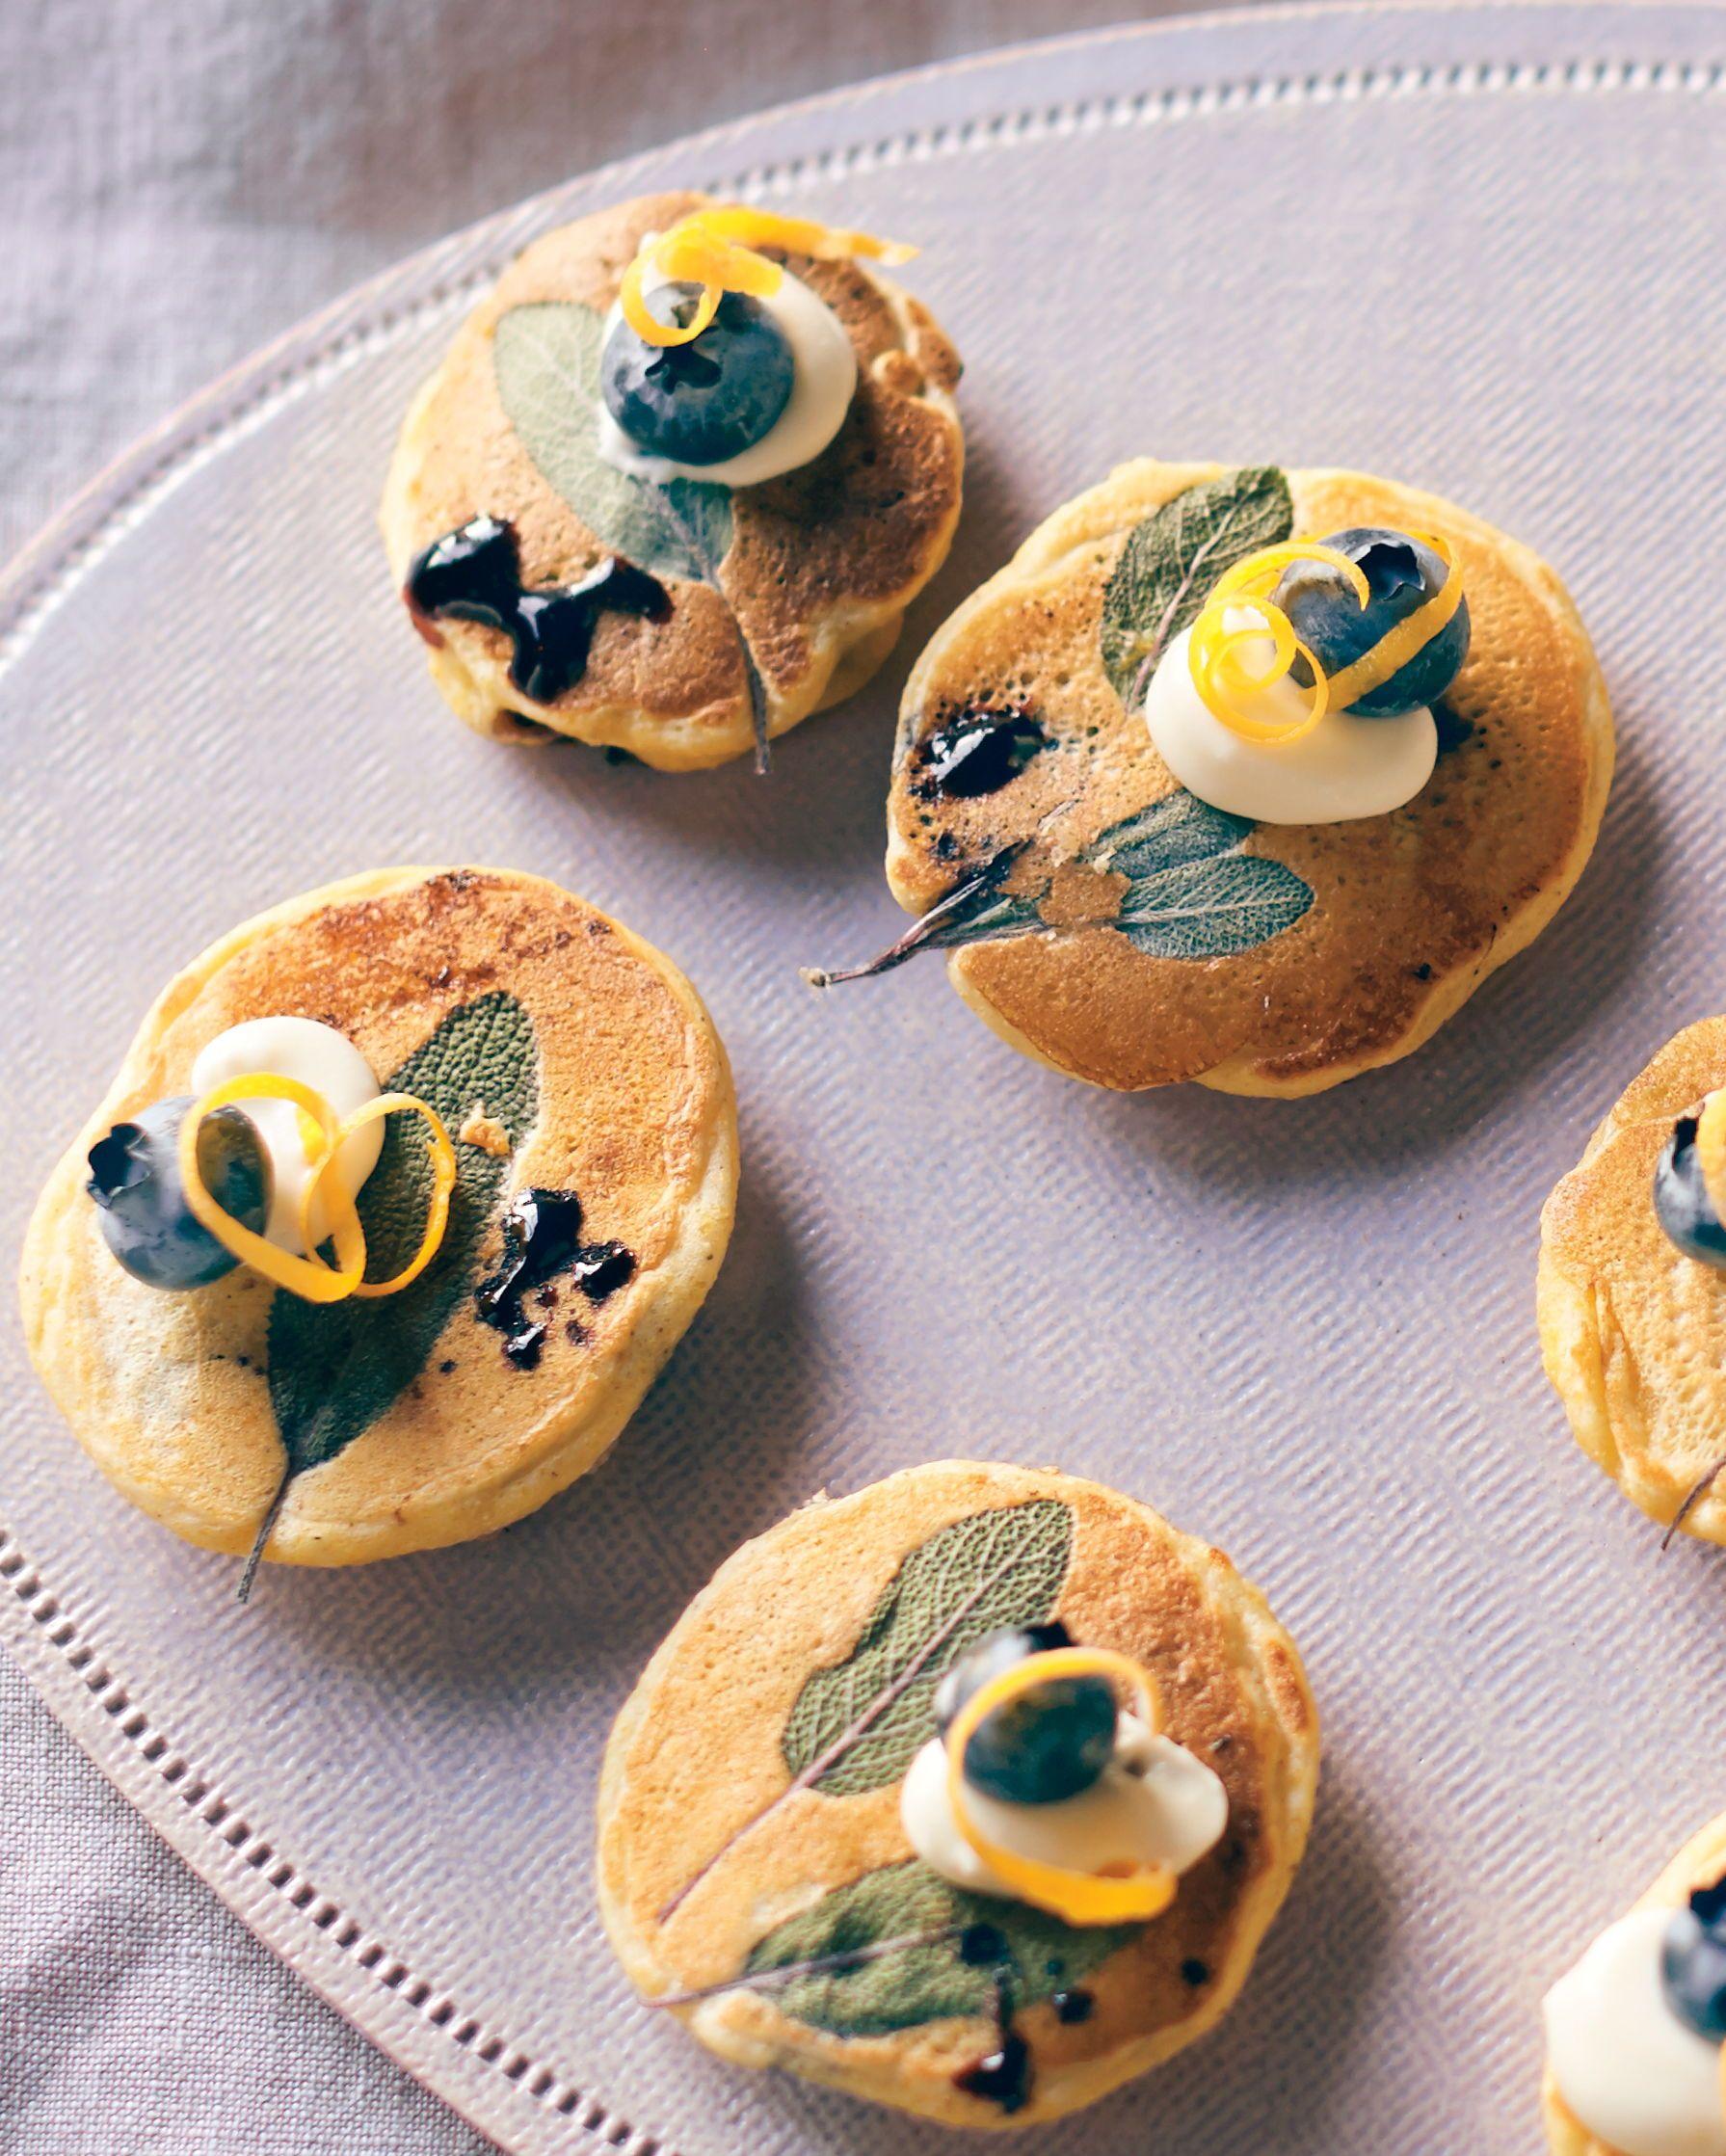 Fruit Desserts For A Spring Bridal Shower